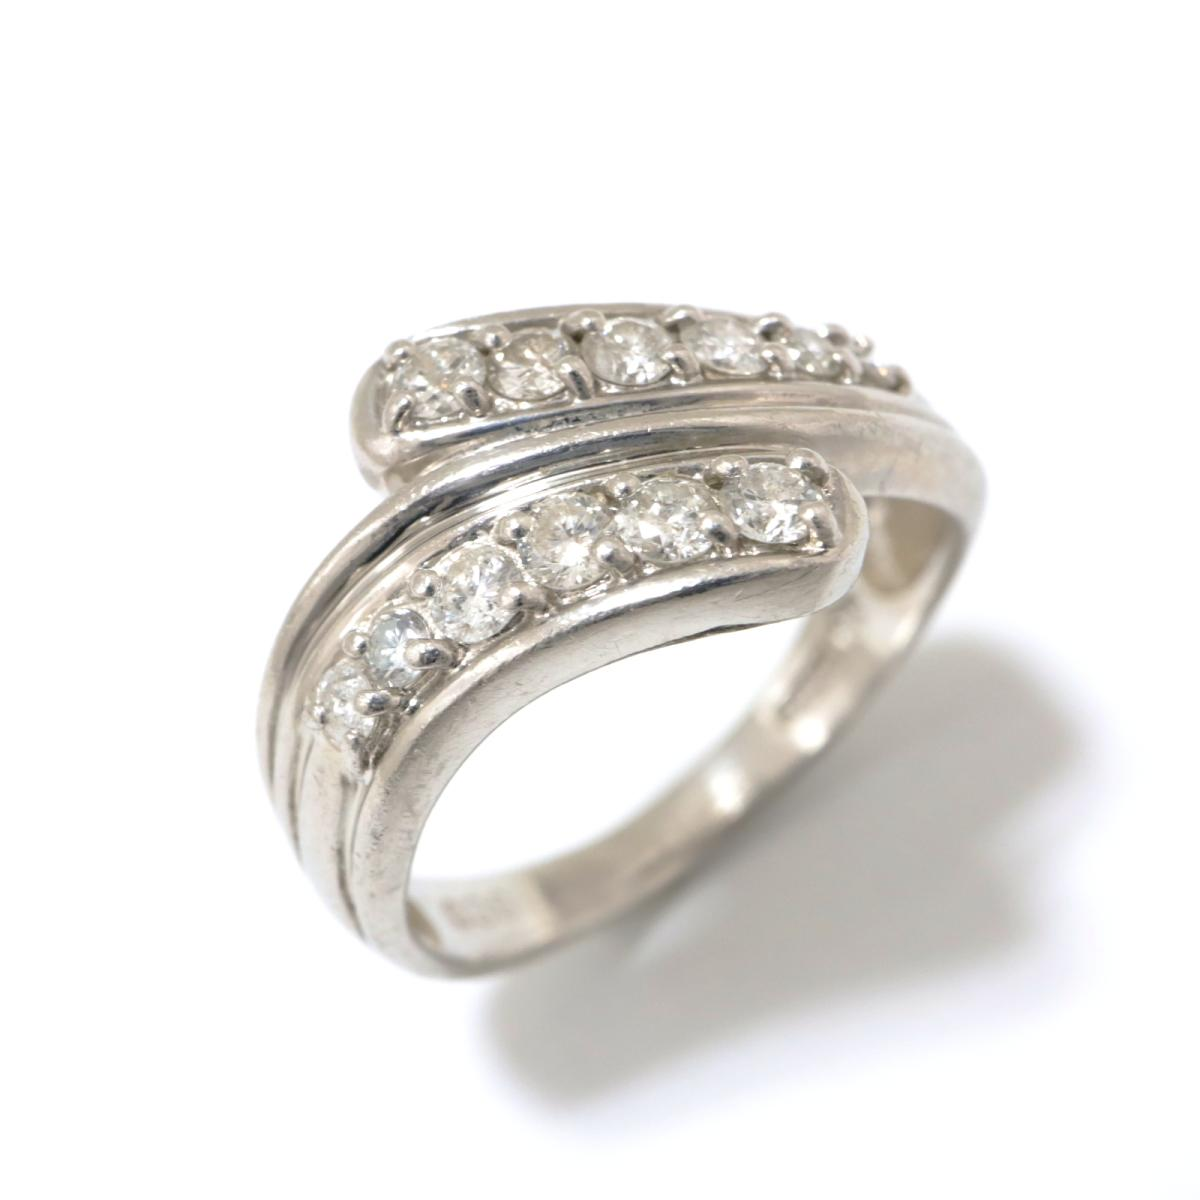 【中古】 ジュエリー ダイヤモンド リング 指輪 レディース PT850 プラチナ x (0.36ct) クリアー シルバー | JEWELRY BRANDOFF ブランドオフ ブランド アクセサリー